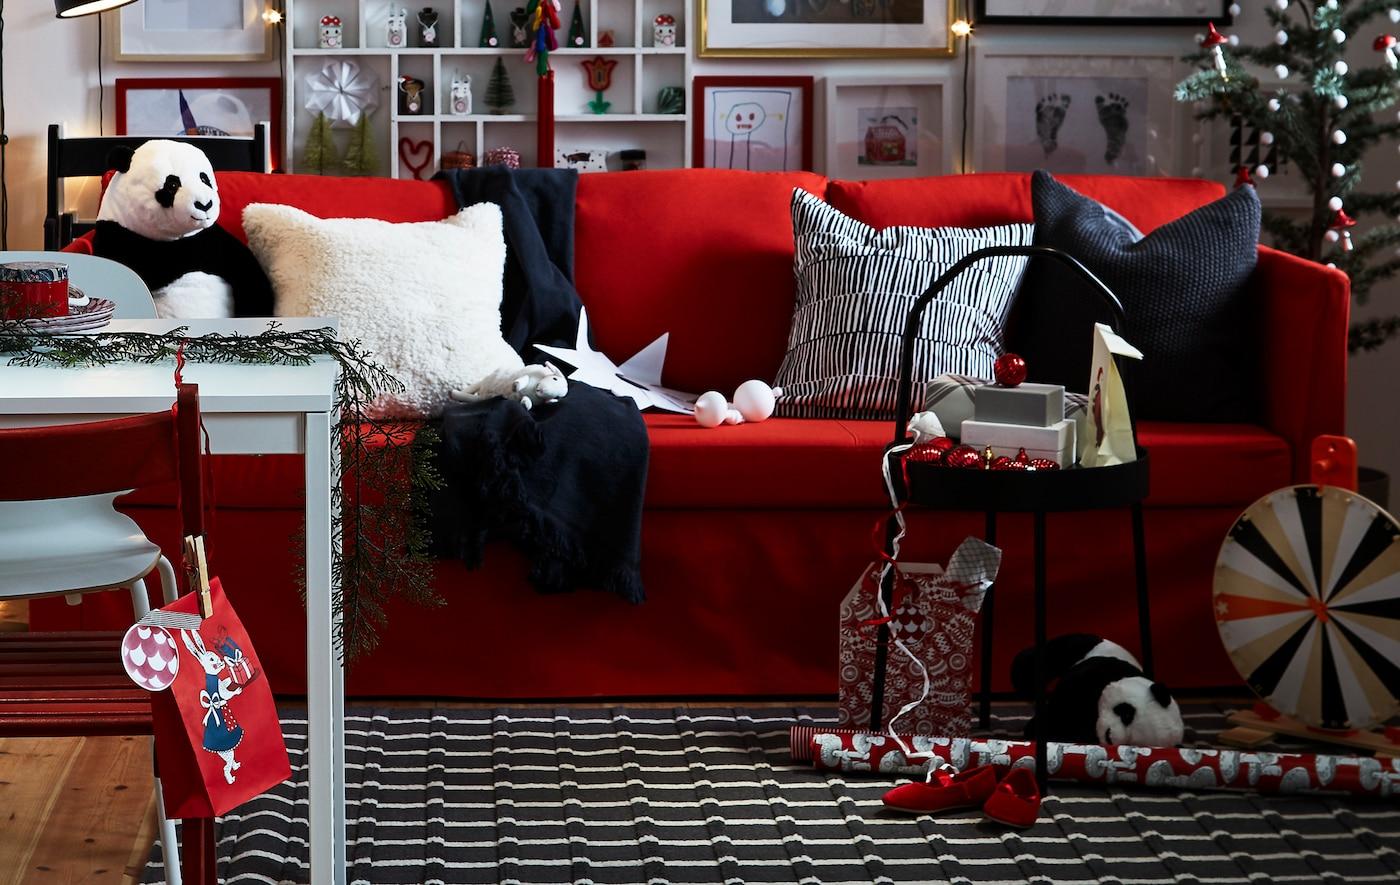 غرفة جلوس باللون الأحمر، والأسود والأبيض بها الكثير من التفاصيل الشخصية والأثاث المرن تضفي حالة عامة مفعمة بالدفء.